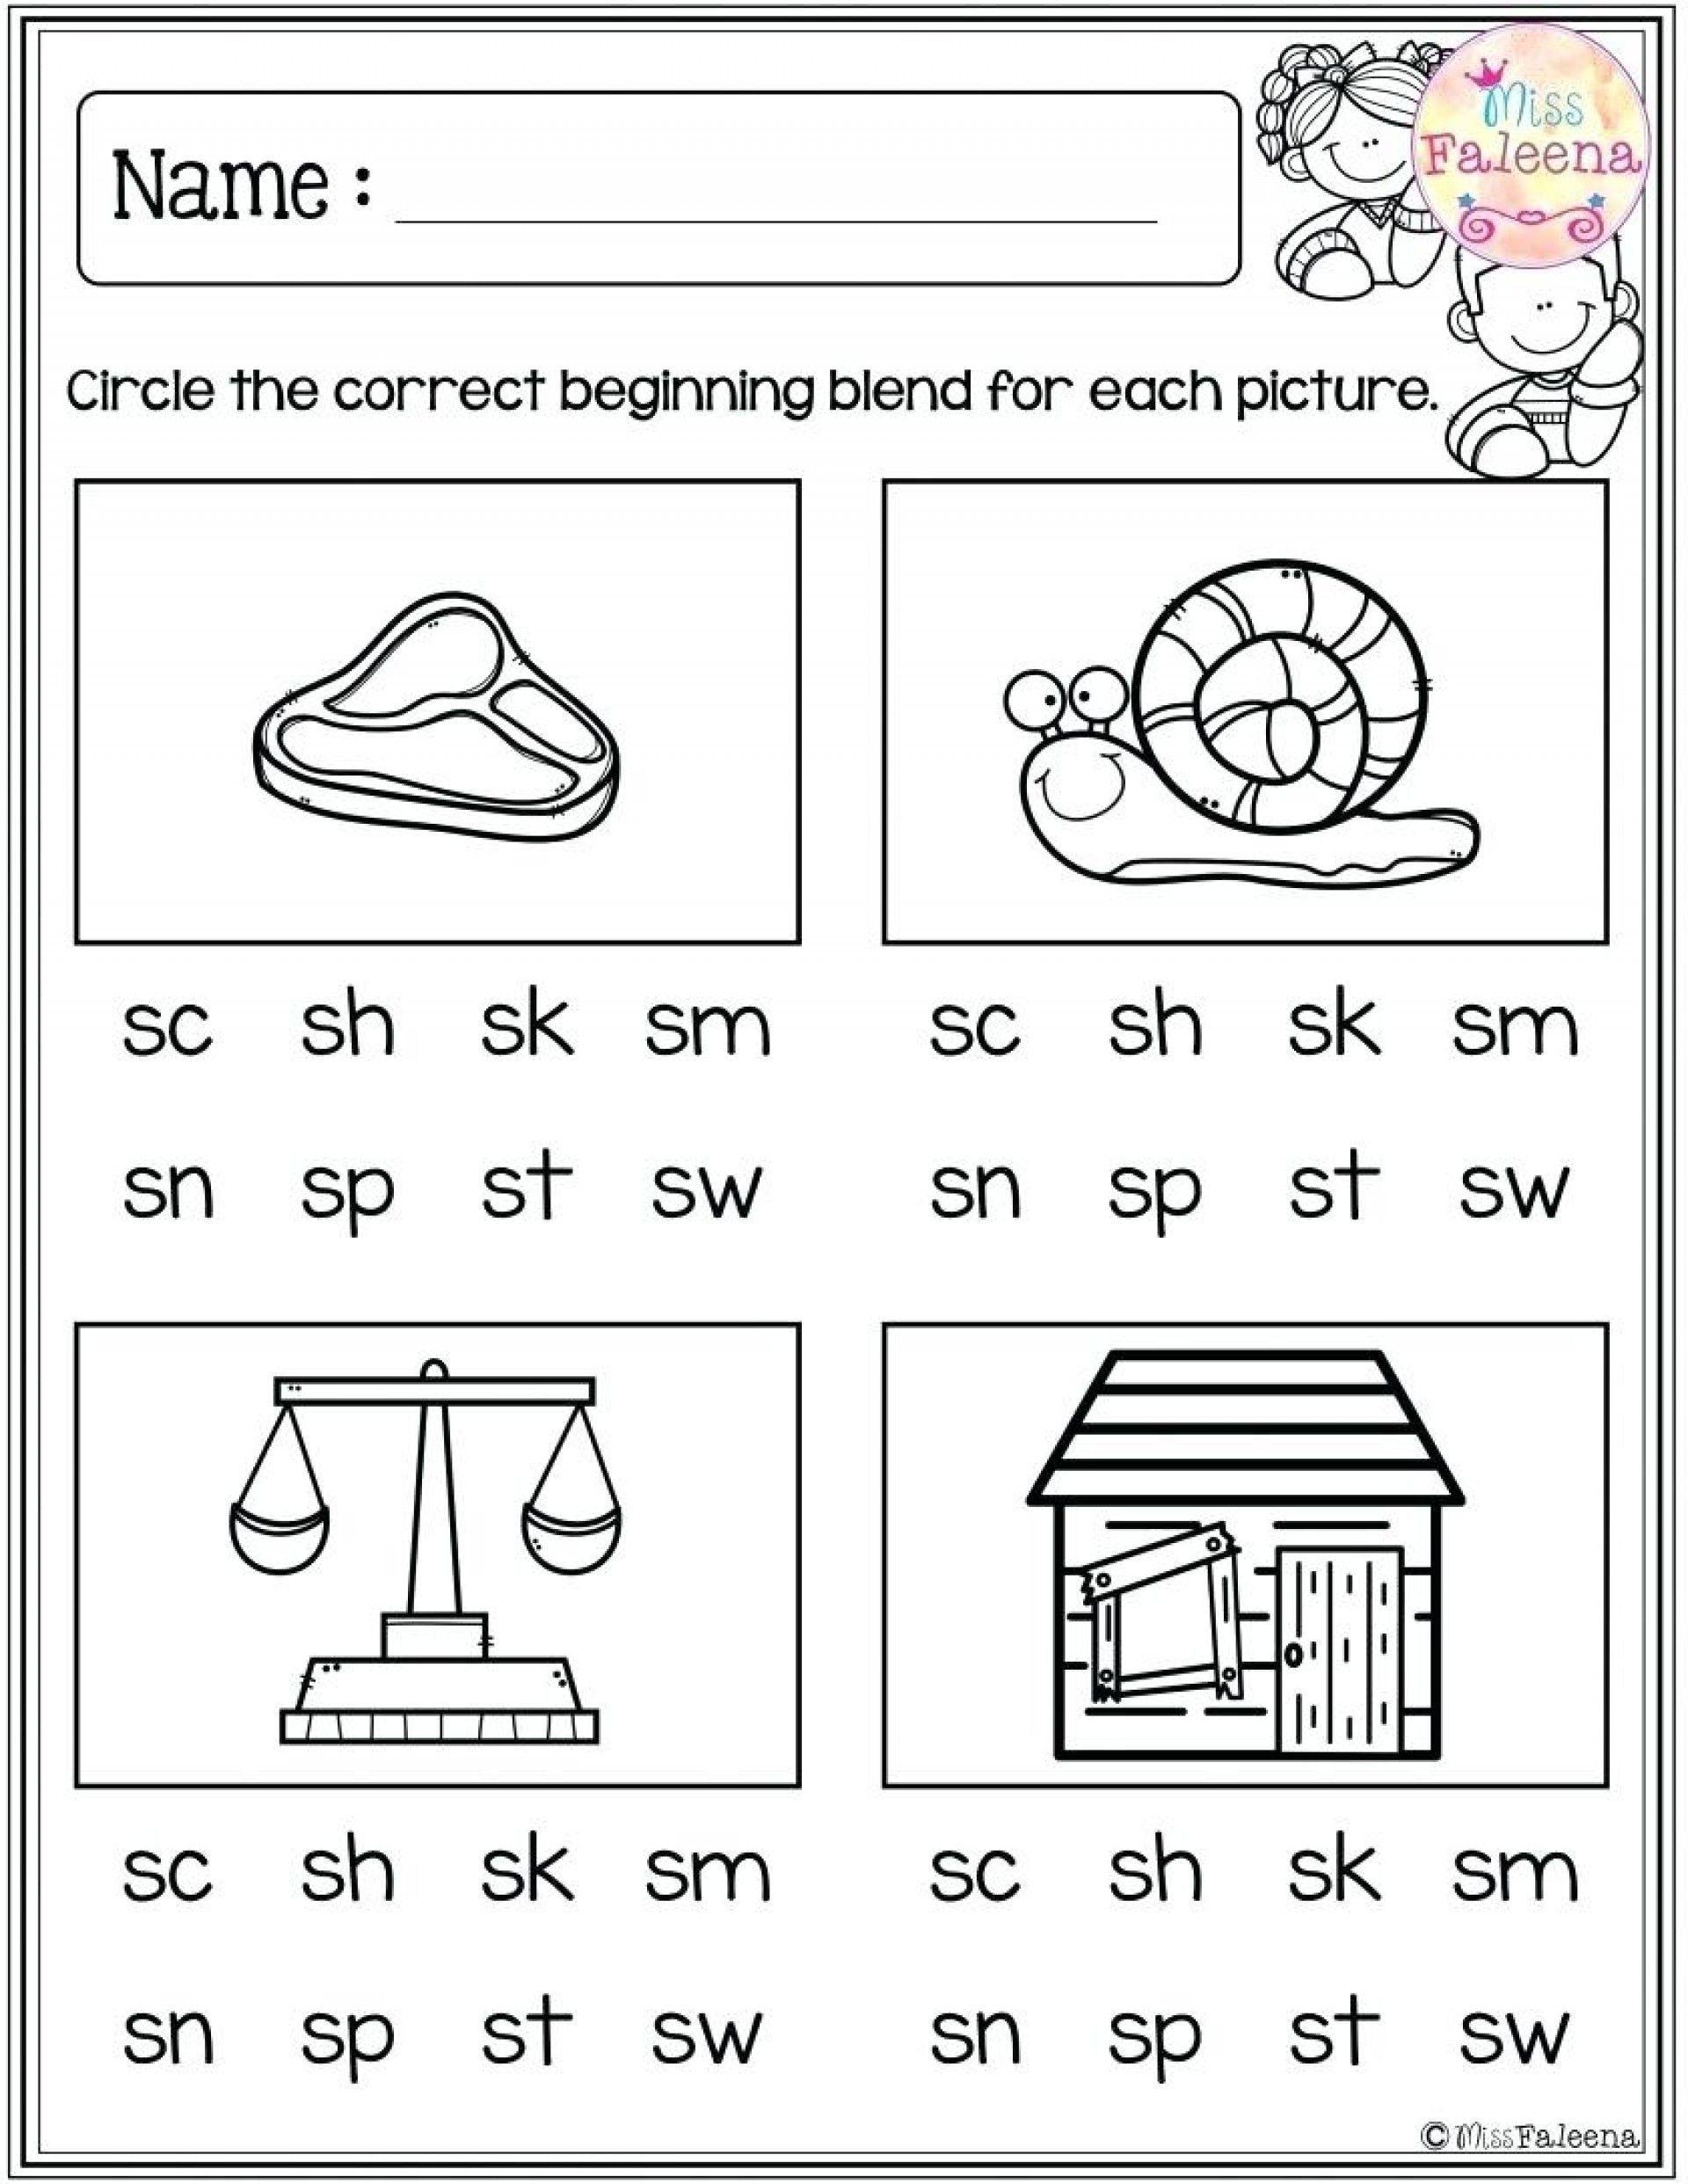 3 Worksheet Free Preschool Kindergarten Worksheets Consonants Beginning Consonants 022 Kinder Blends Worksheets Blends Activities Phonics Kindergarten [ 2484 x 1920 Pixel ]